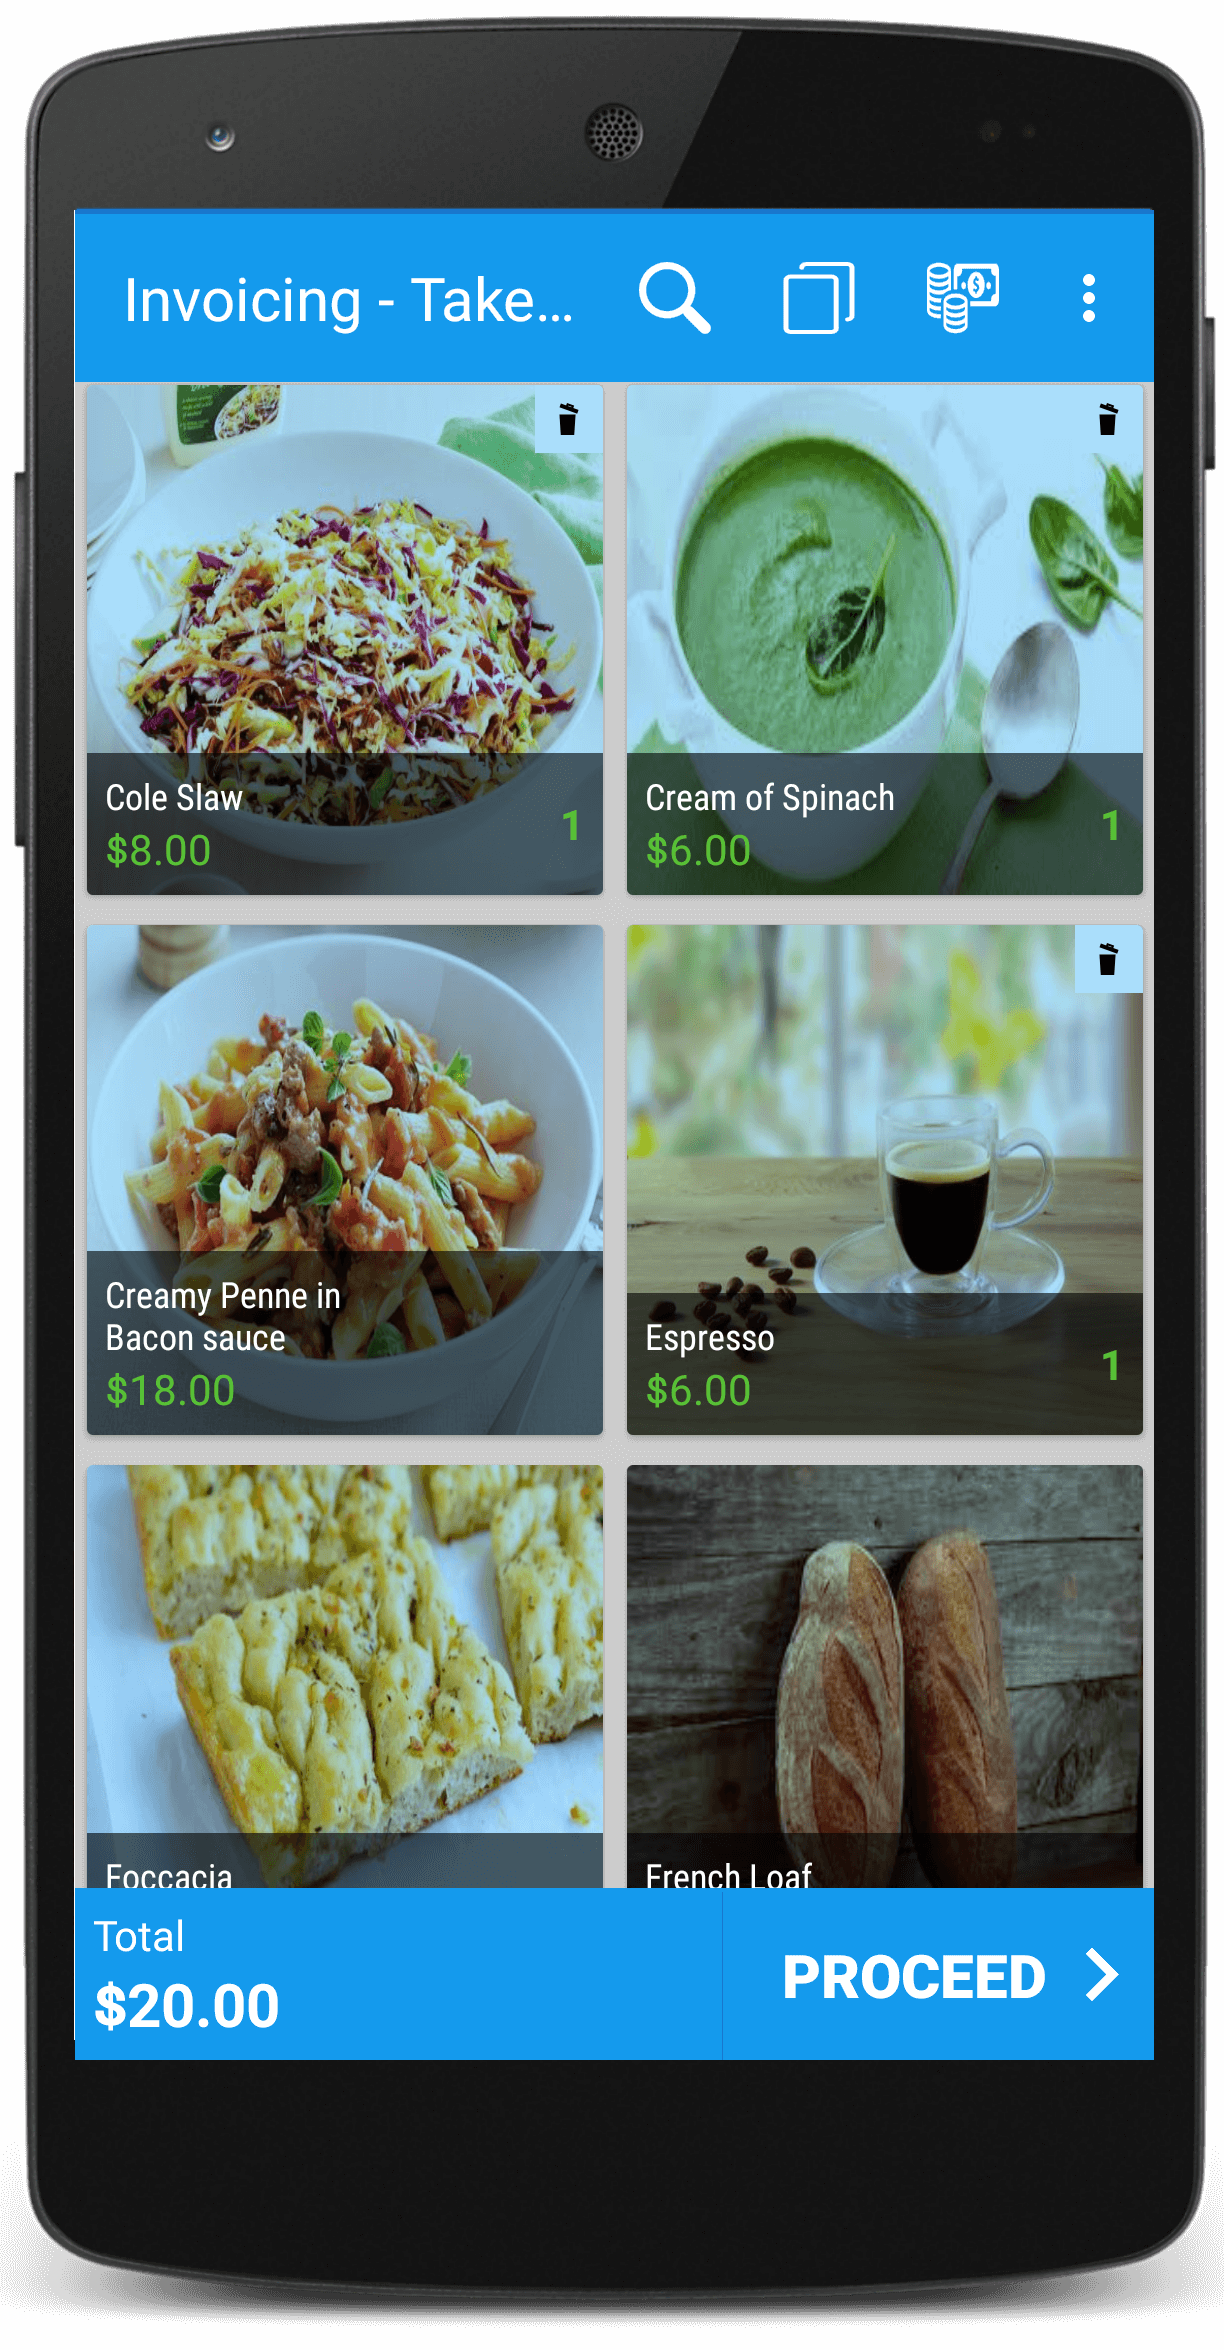 Restaurant mobile billing app